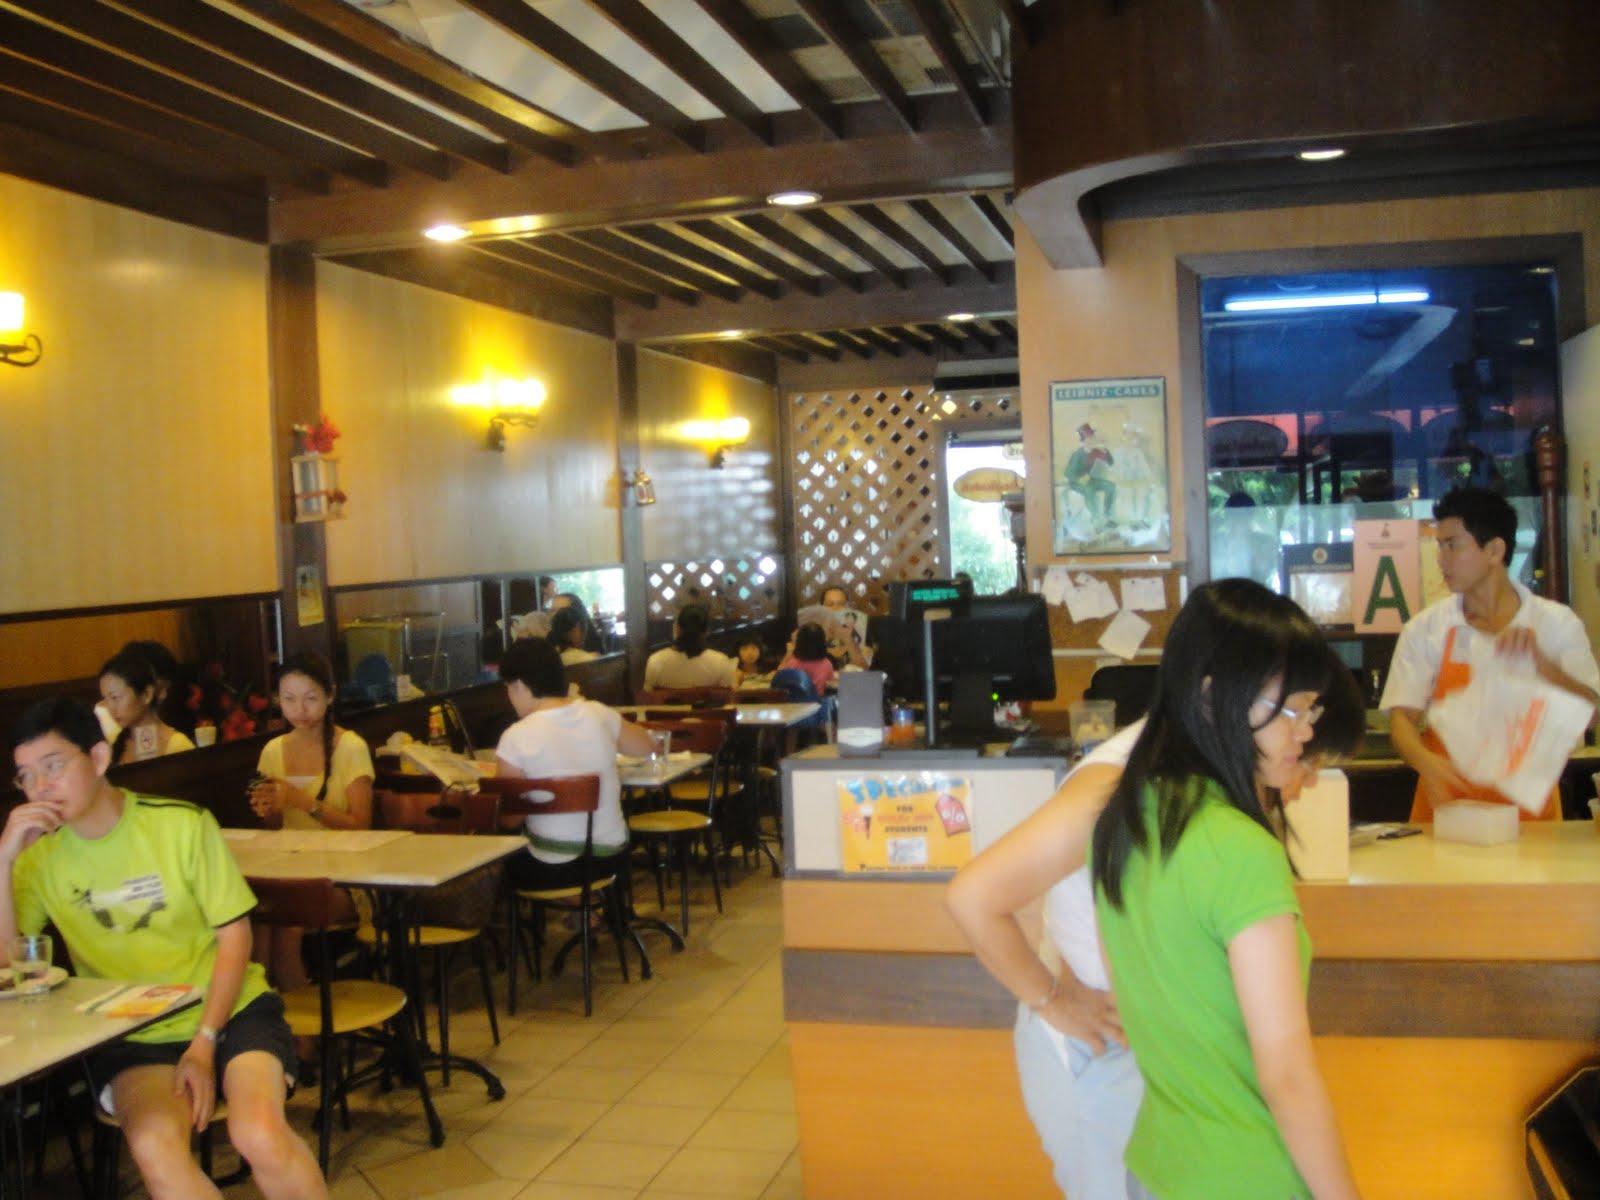 Ben In Brisbane Backofen, Desa Sri Hartamas ~ Backofen Bakery